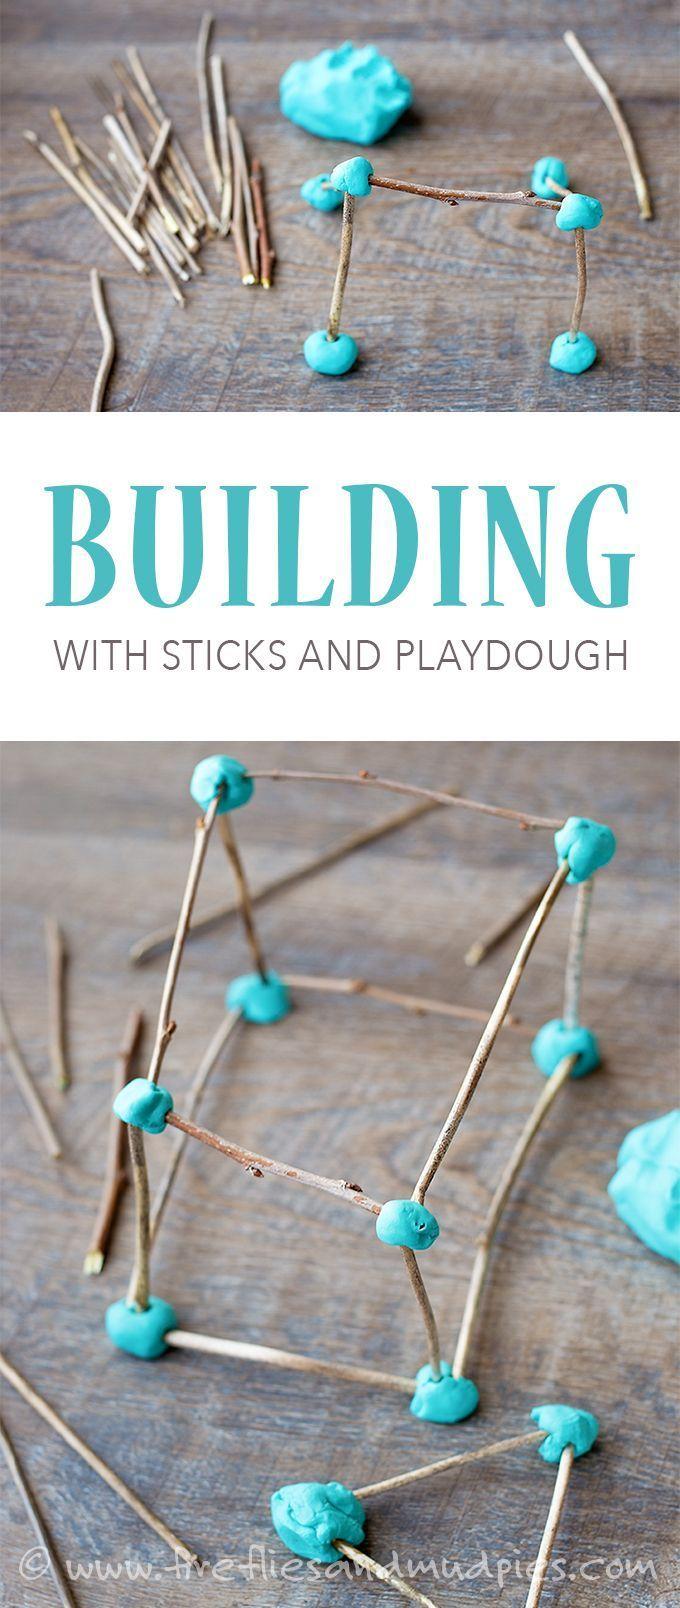 #bauen #einfach #knetmasse #stocken #Bauen #mit